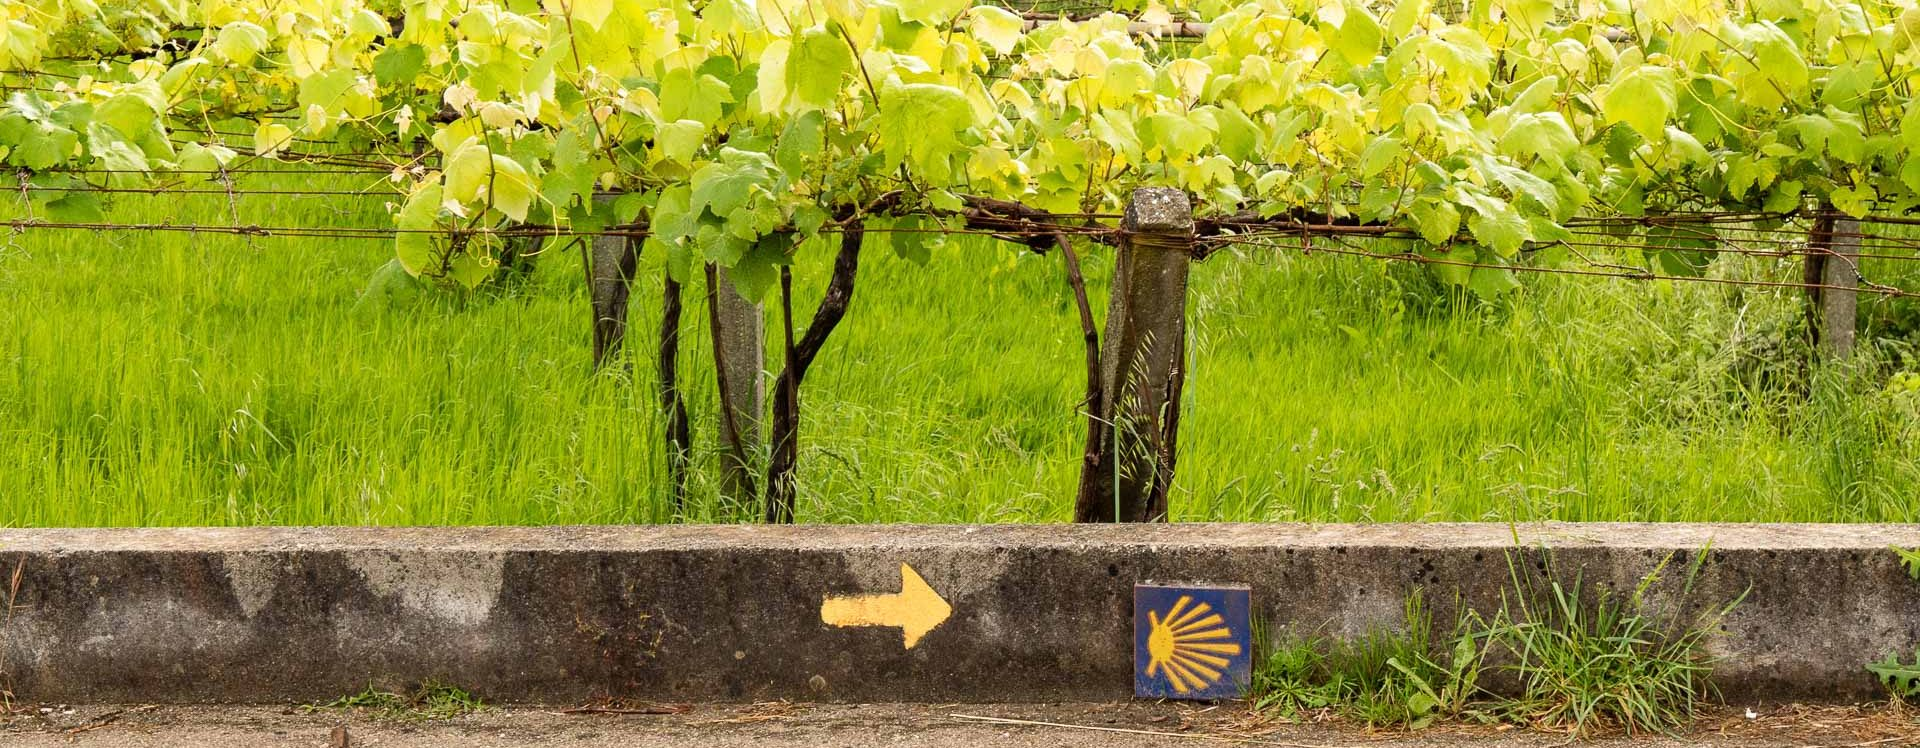 E-Bike Reisen entlang des Jakobweges - die Weinreben des Vinho Verde